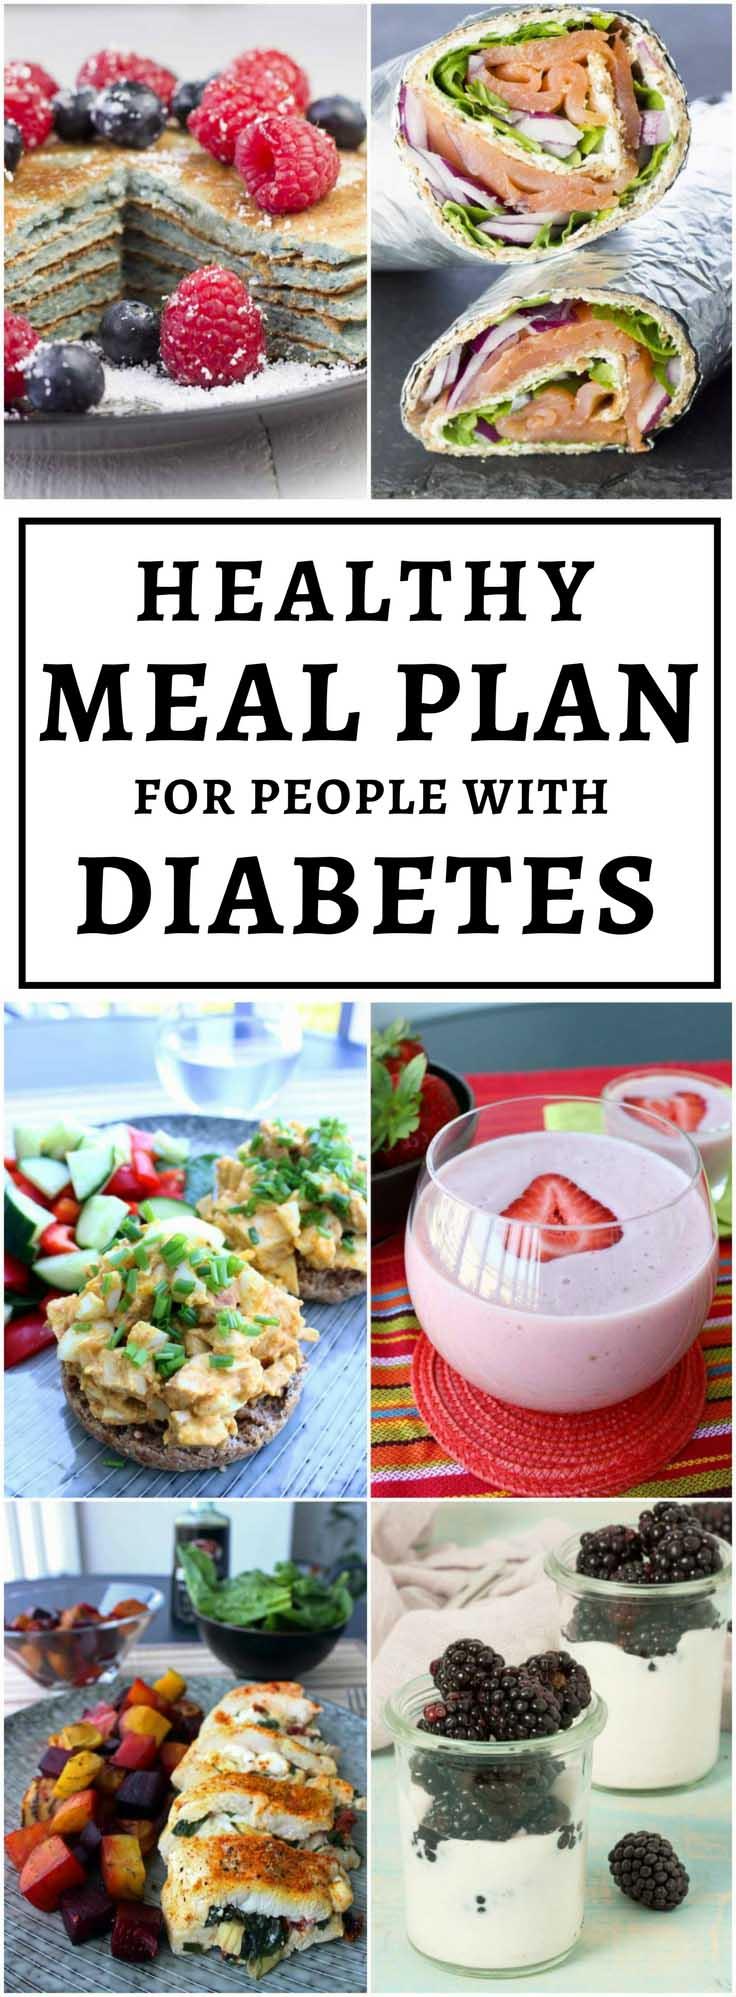 Outsmart Diabetes 1-Week Meal Plan